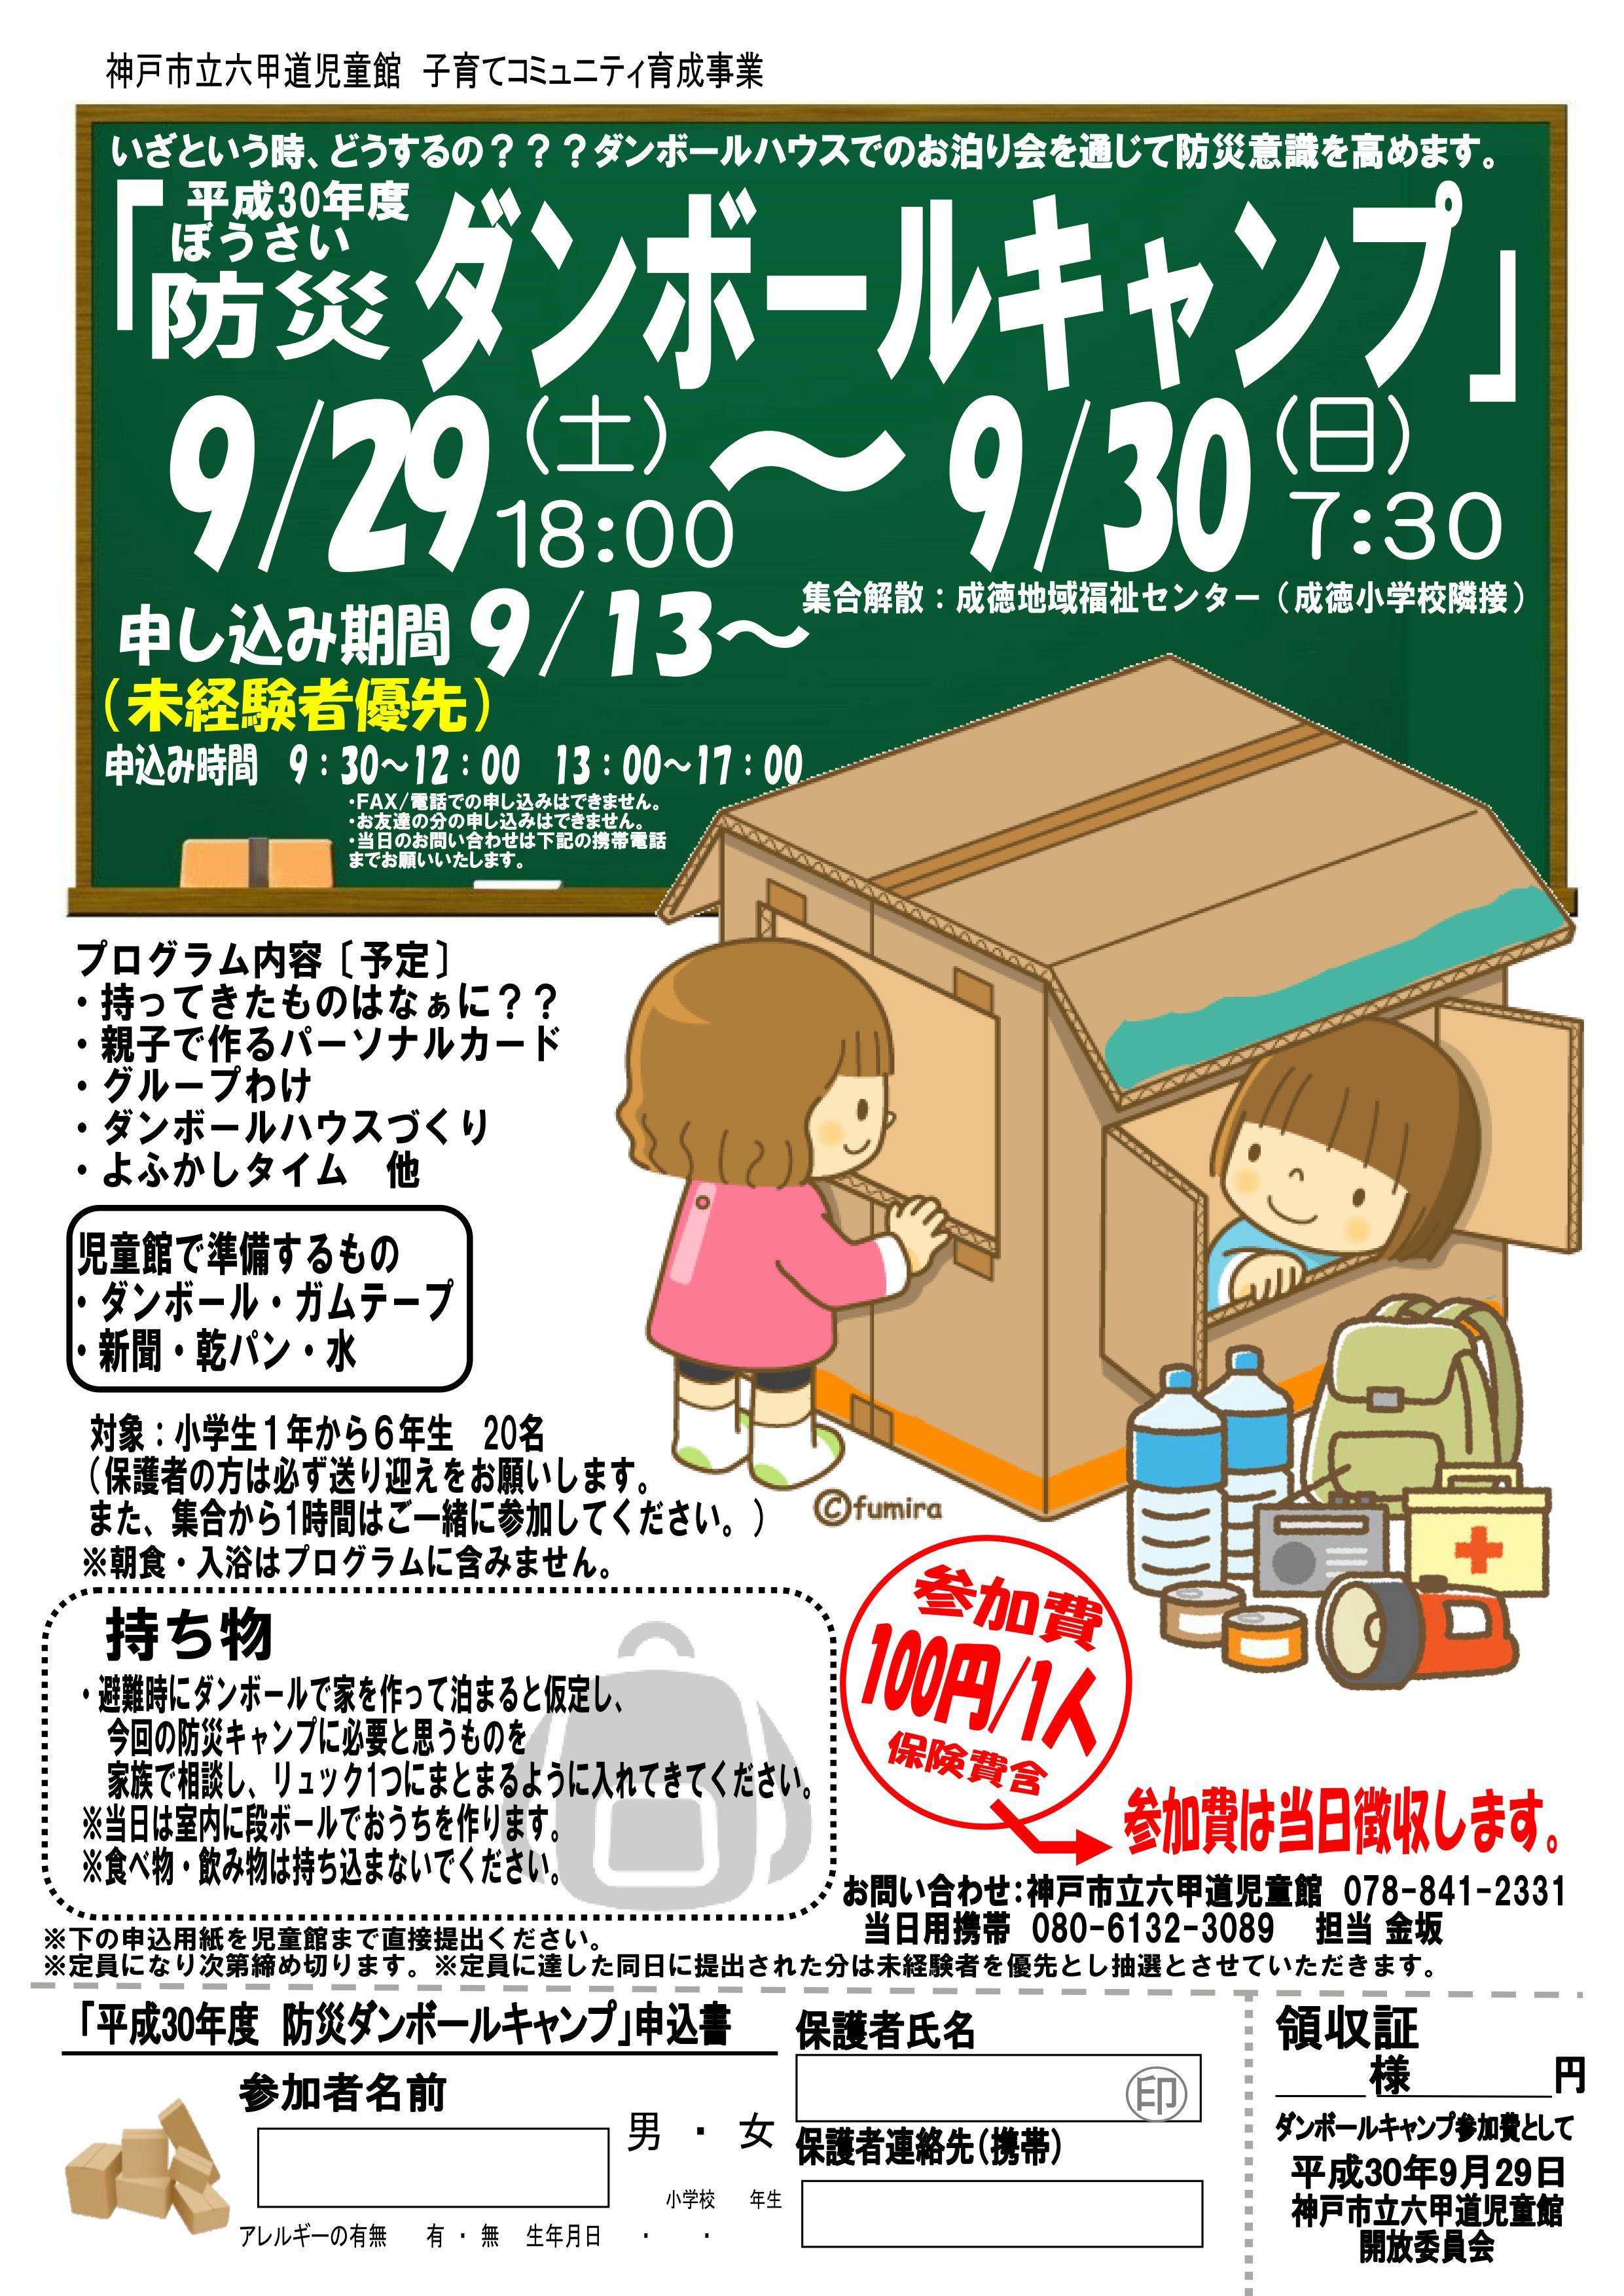 神戸市立六甲道児童館 『防災段ボールキャンプの警報対応について』